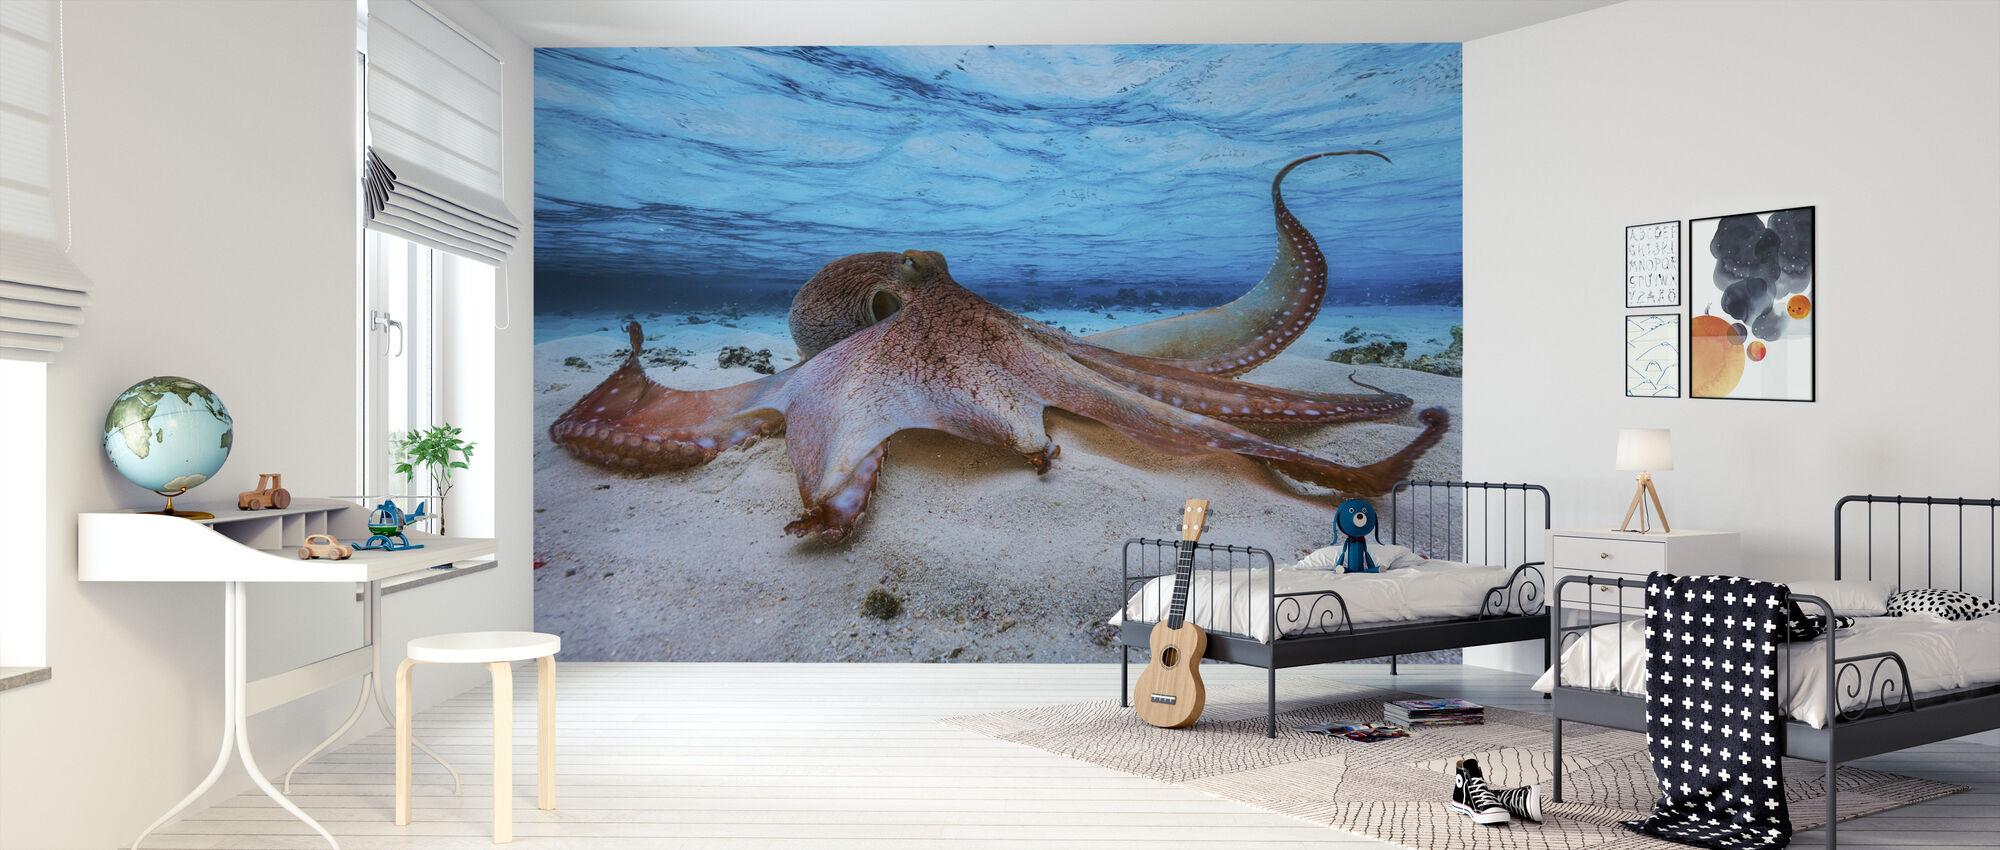 Octopus - Wallpaper - Kids Room